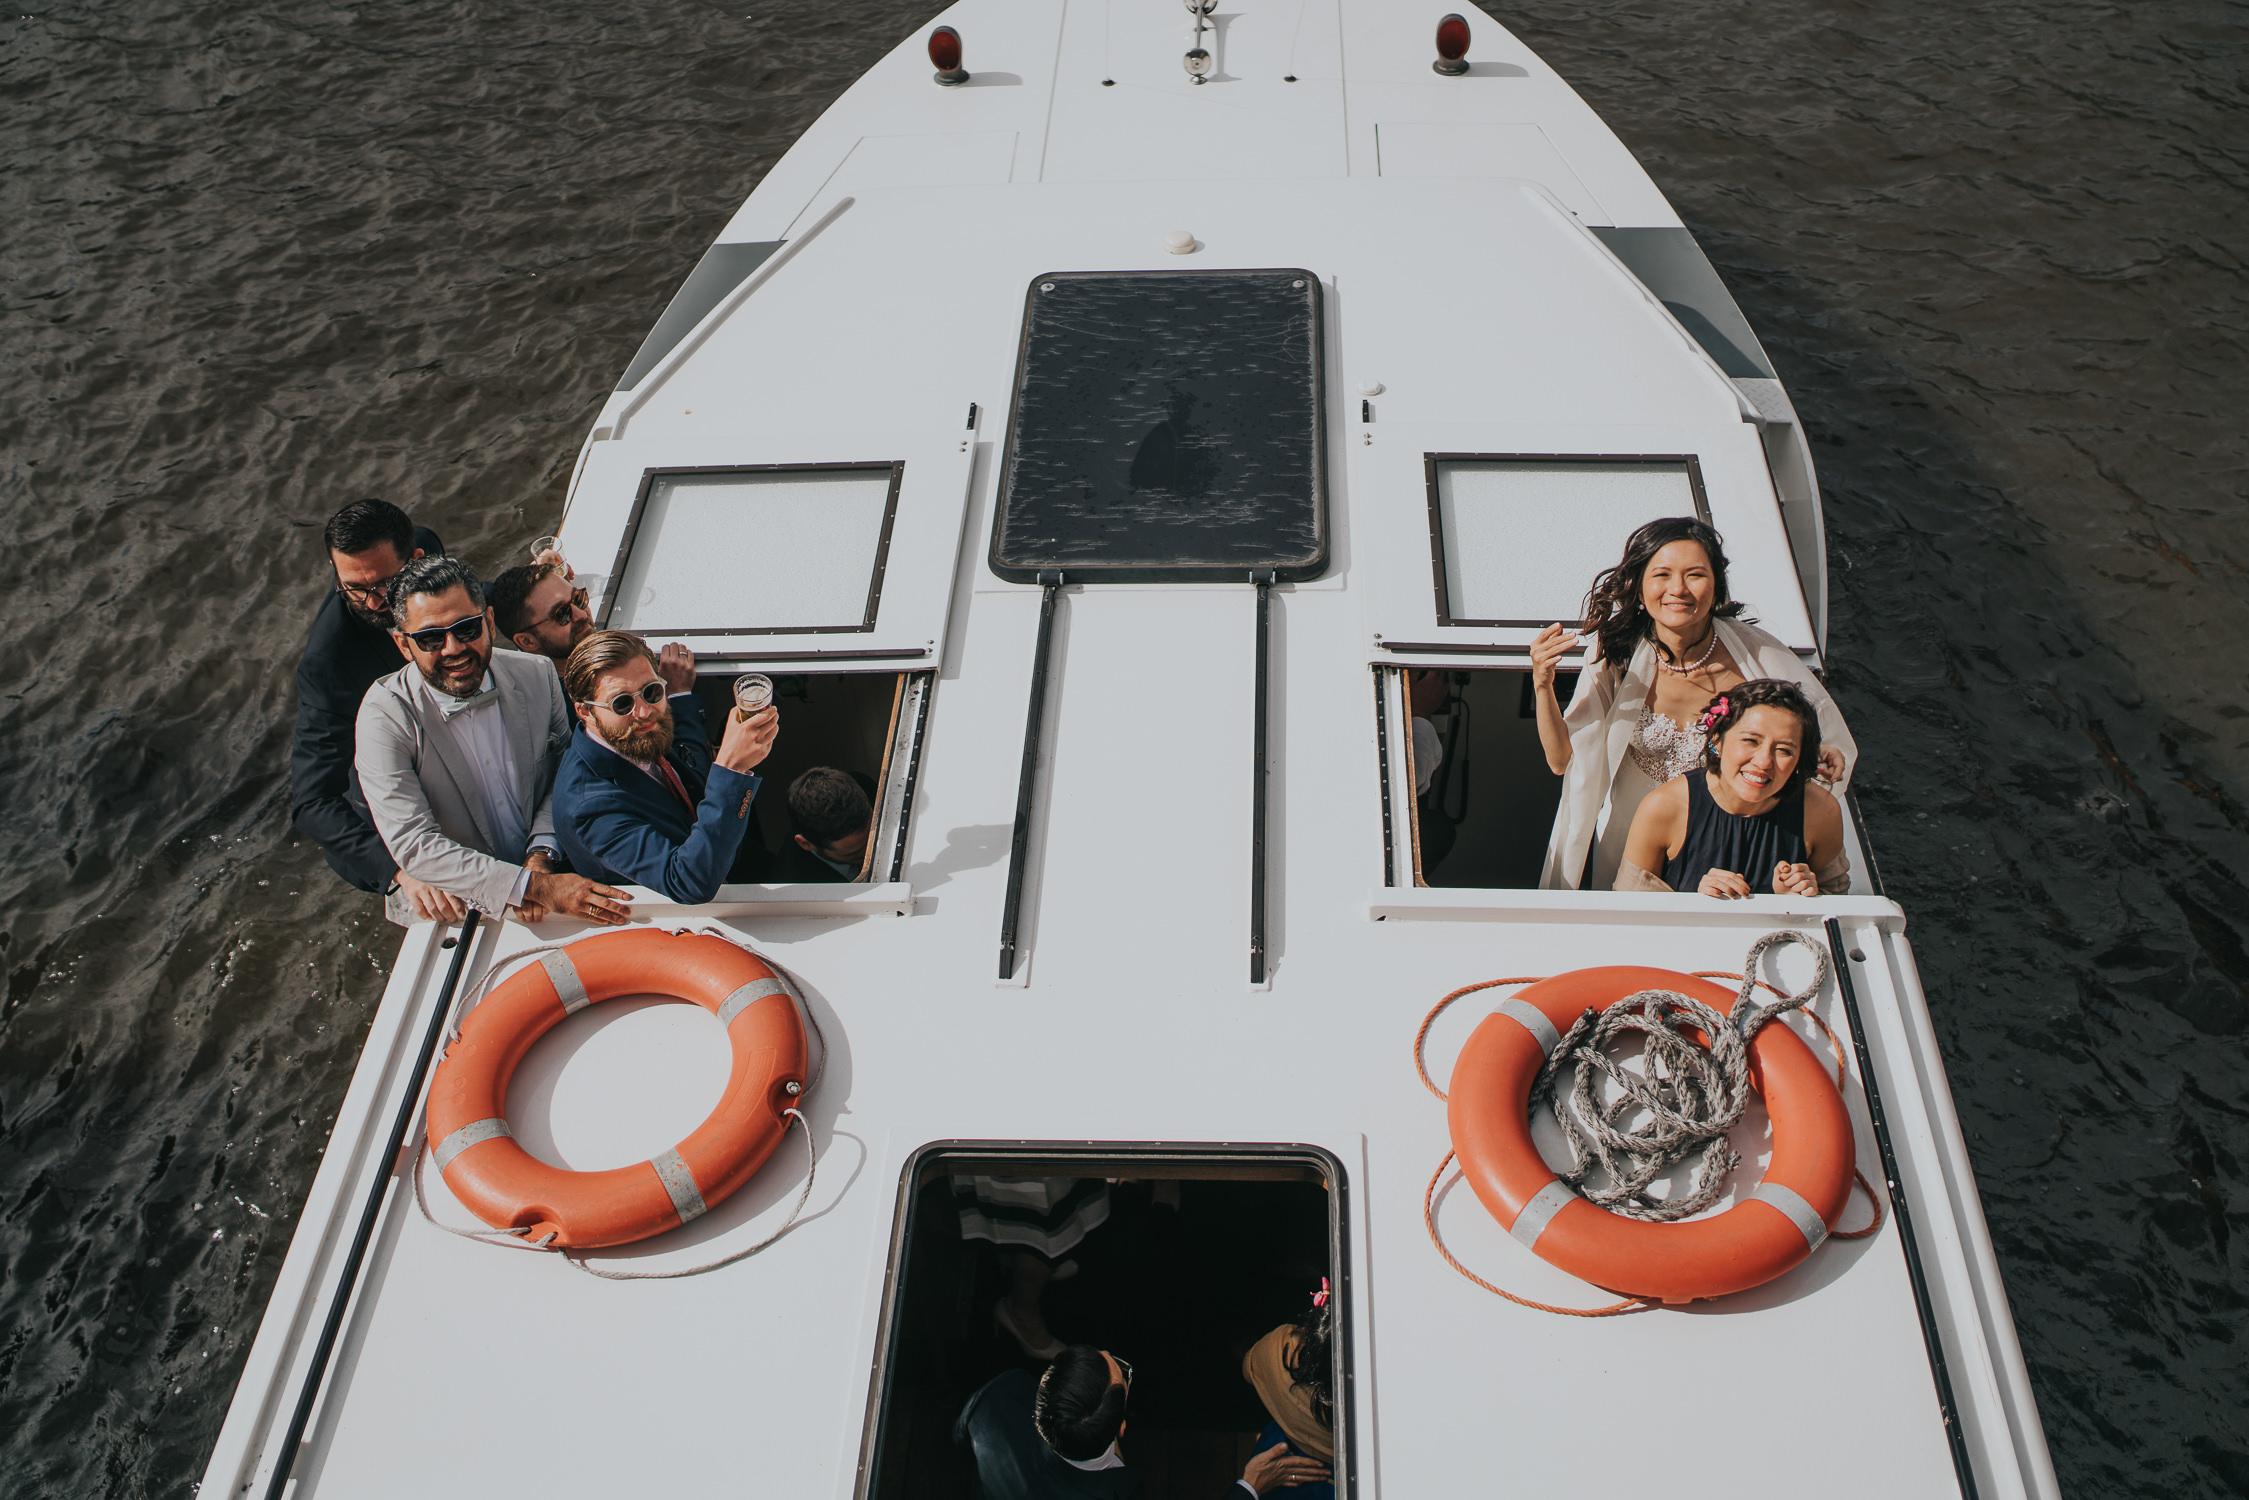 bruidsfotografie-amsterdam-utrecht-mark-hadden-wedding-photography-mike-helen-346.jpg